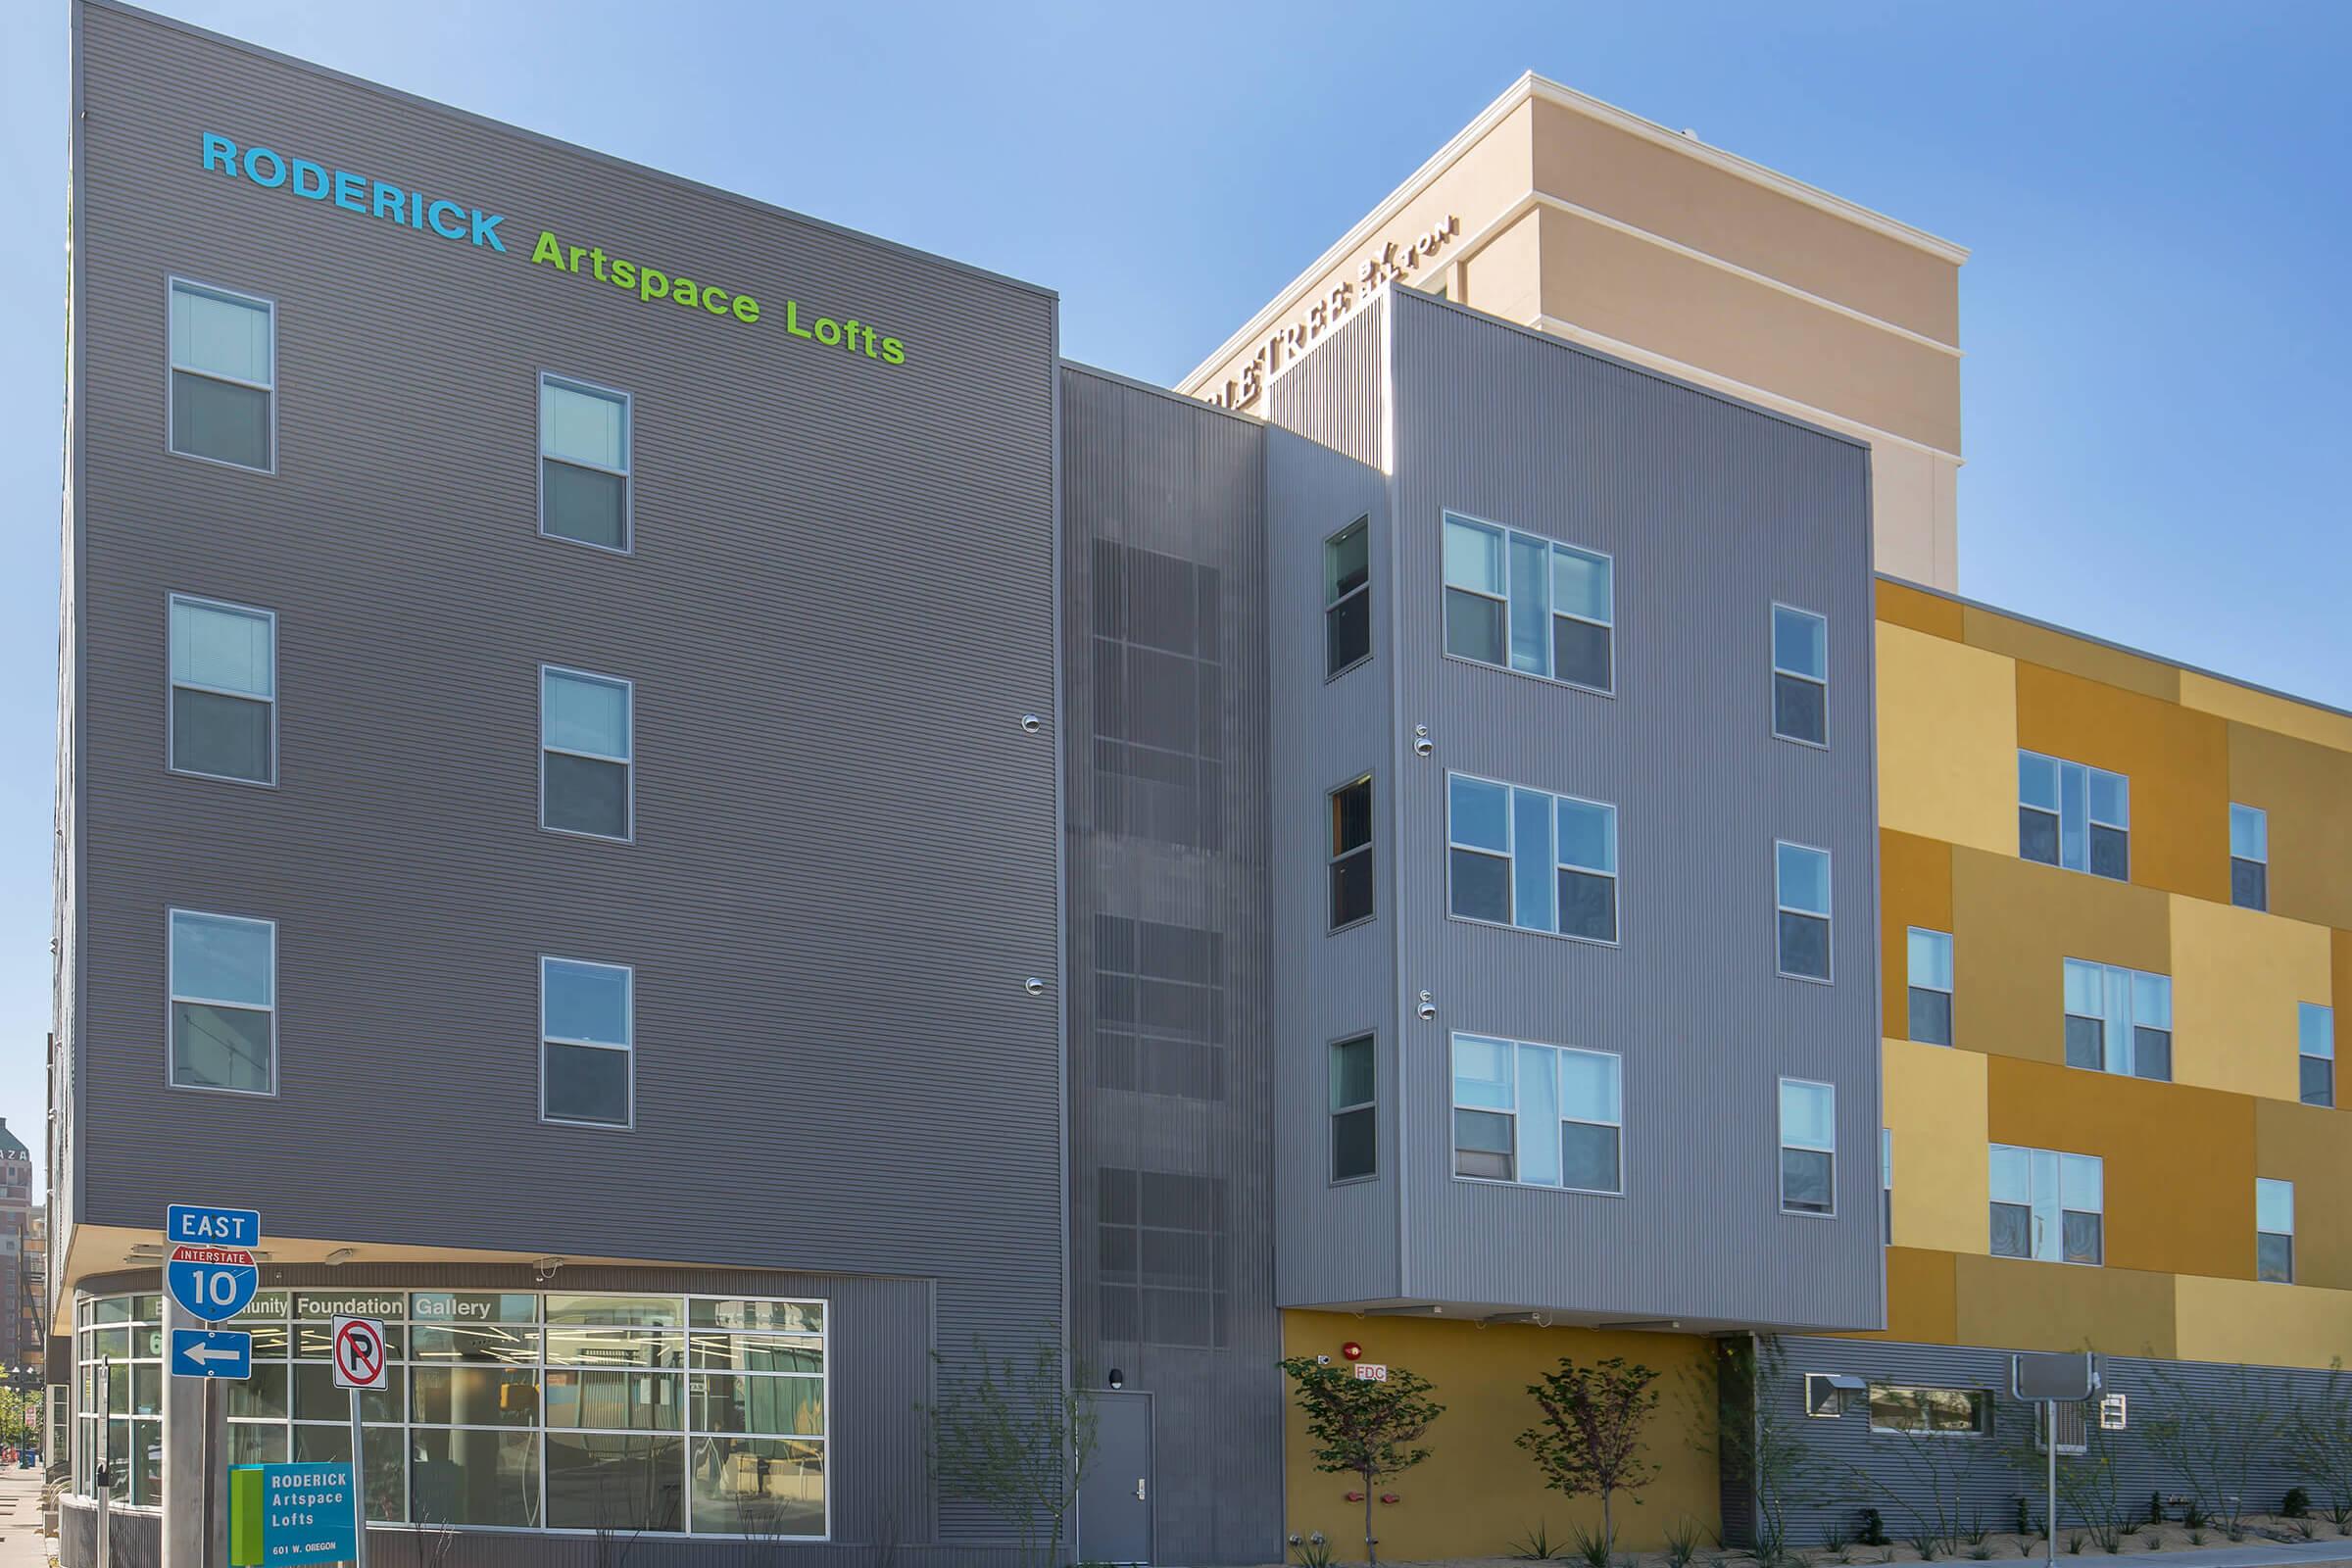 Picture of Artspace El Paso Lofts